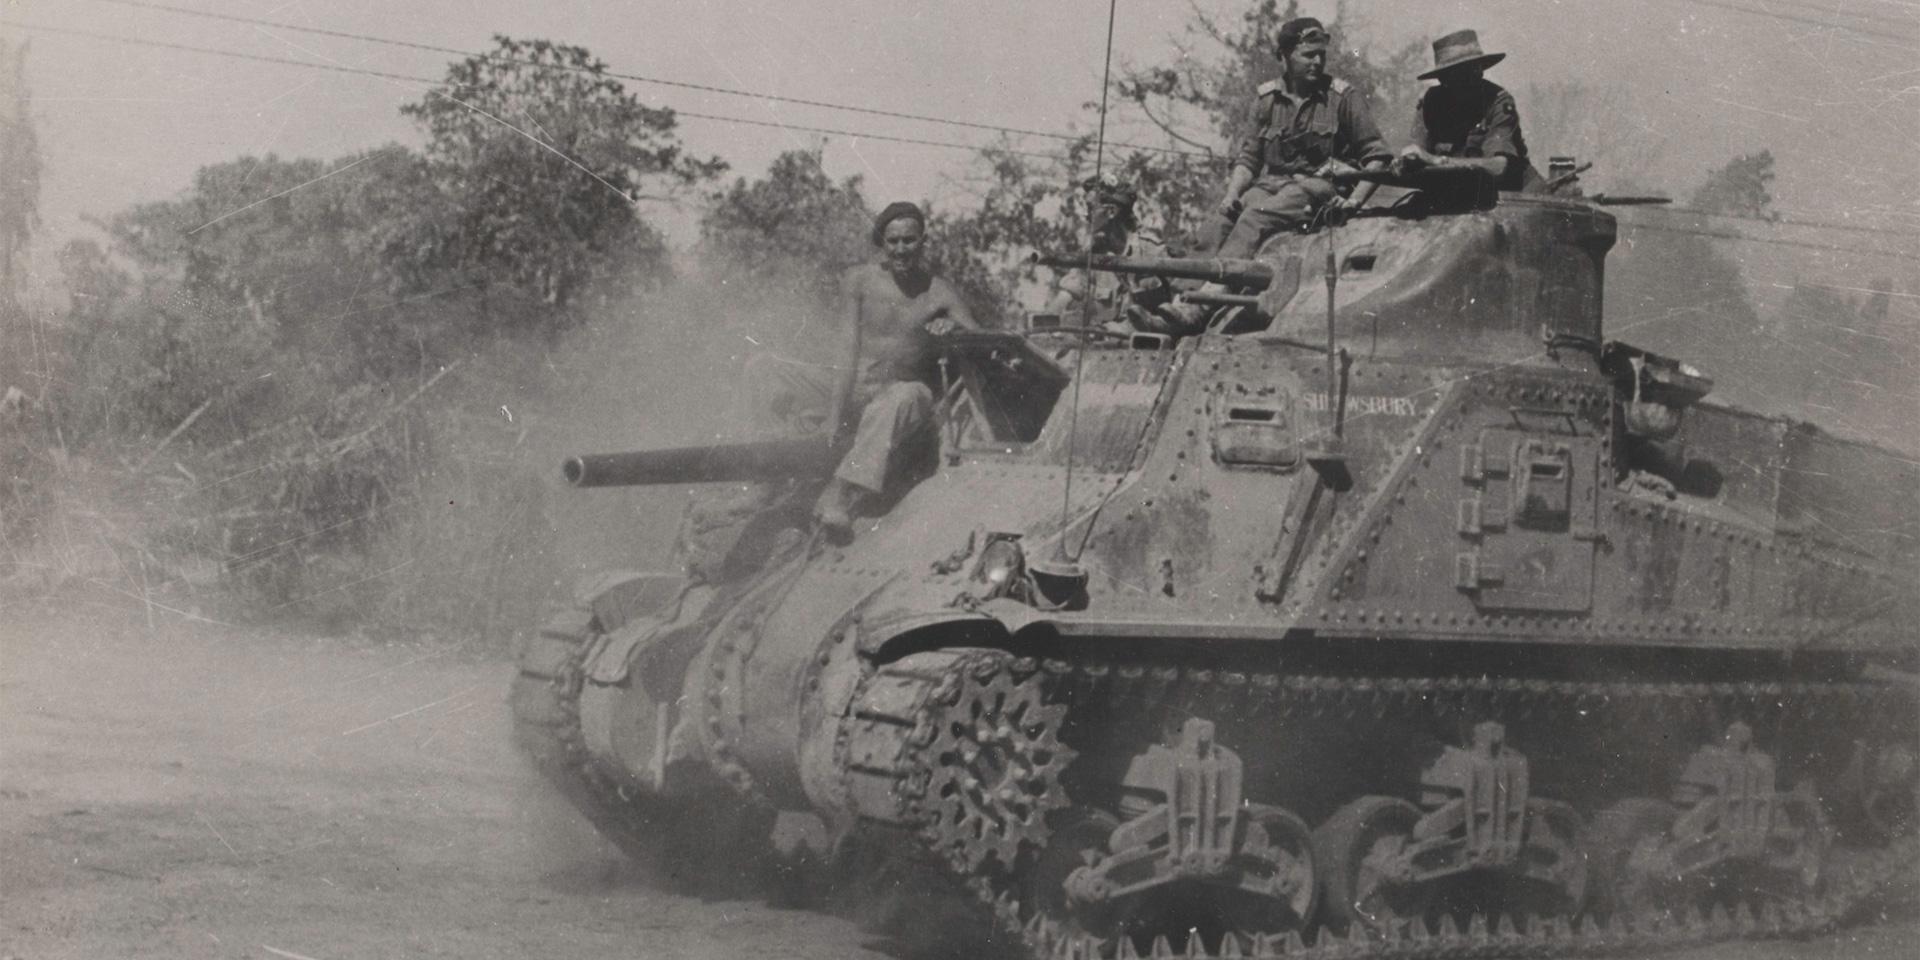 M3 General Lee tank, 25th Dragoons, Kohima, June 1944